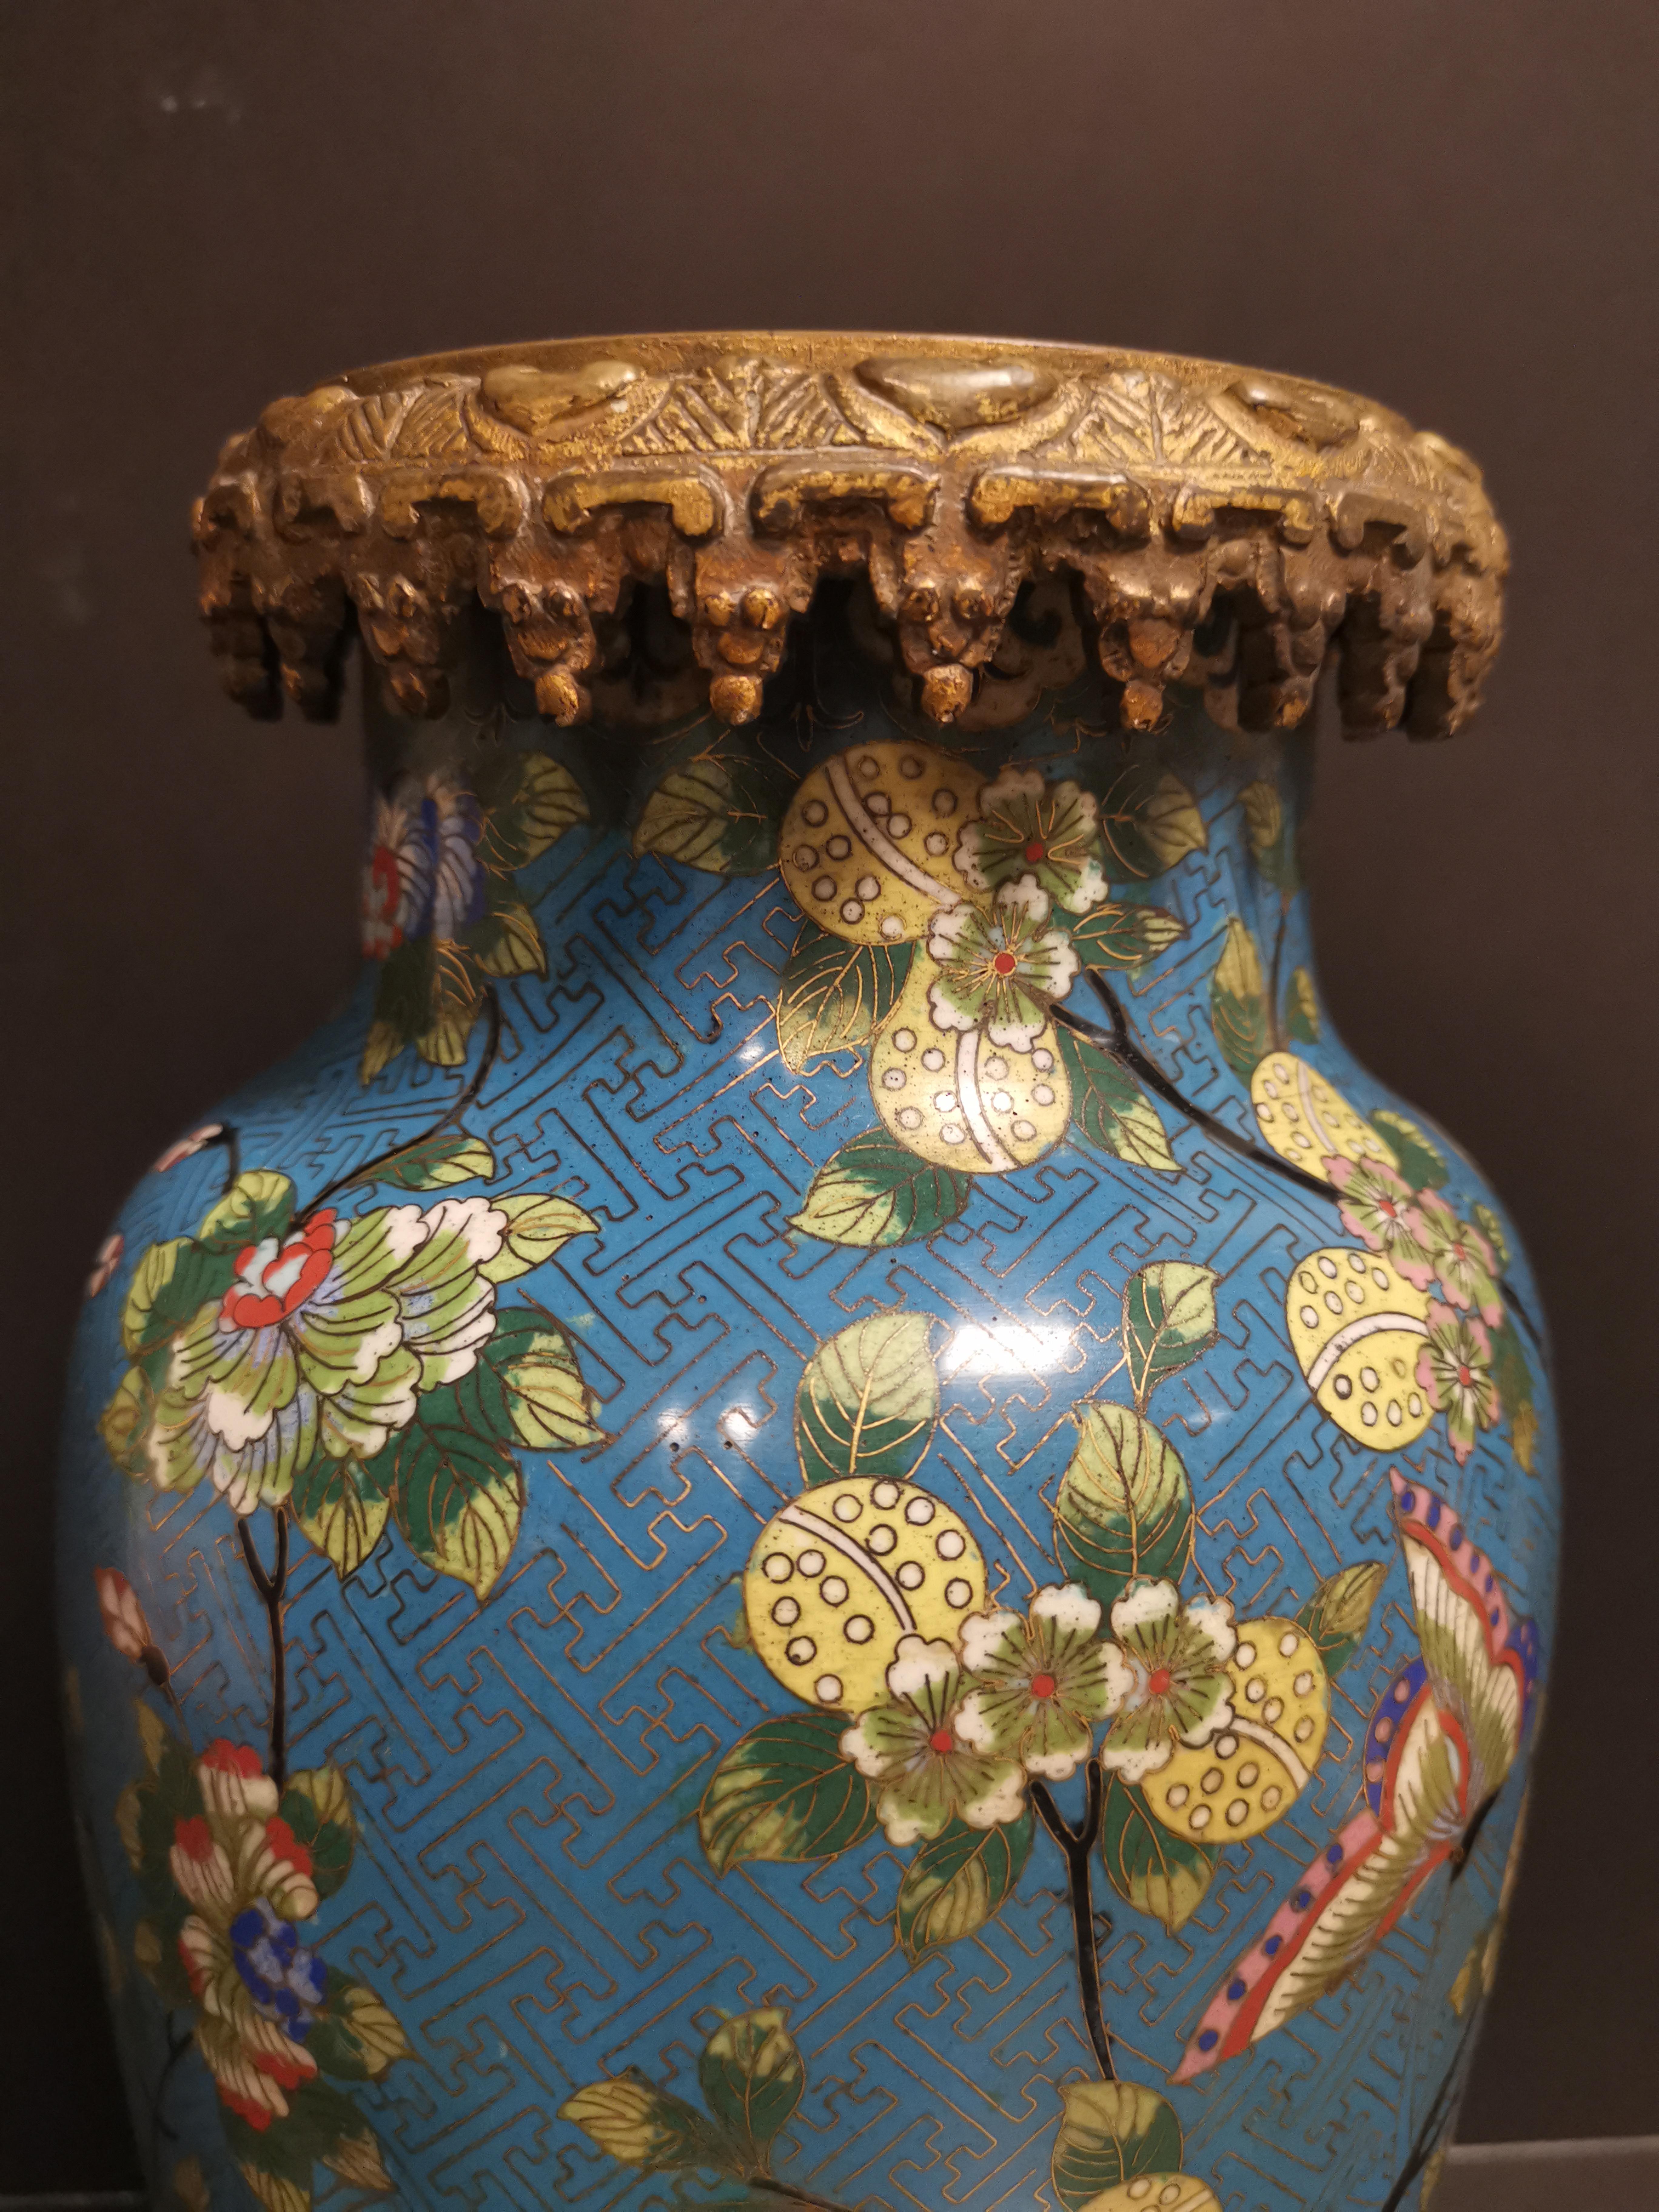 Paire de vases en bronze doré et émaux cloisonnés Chine, début du XXème siècle [...] - Image 4 of 5